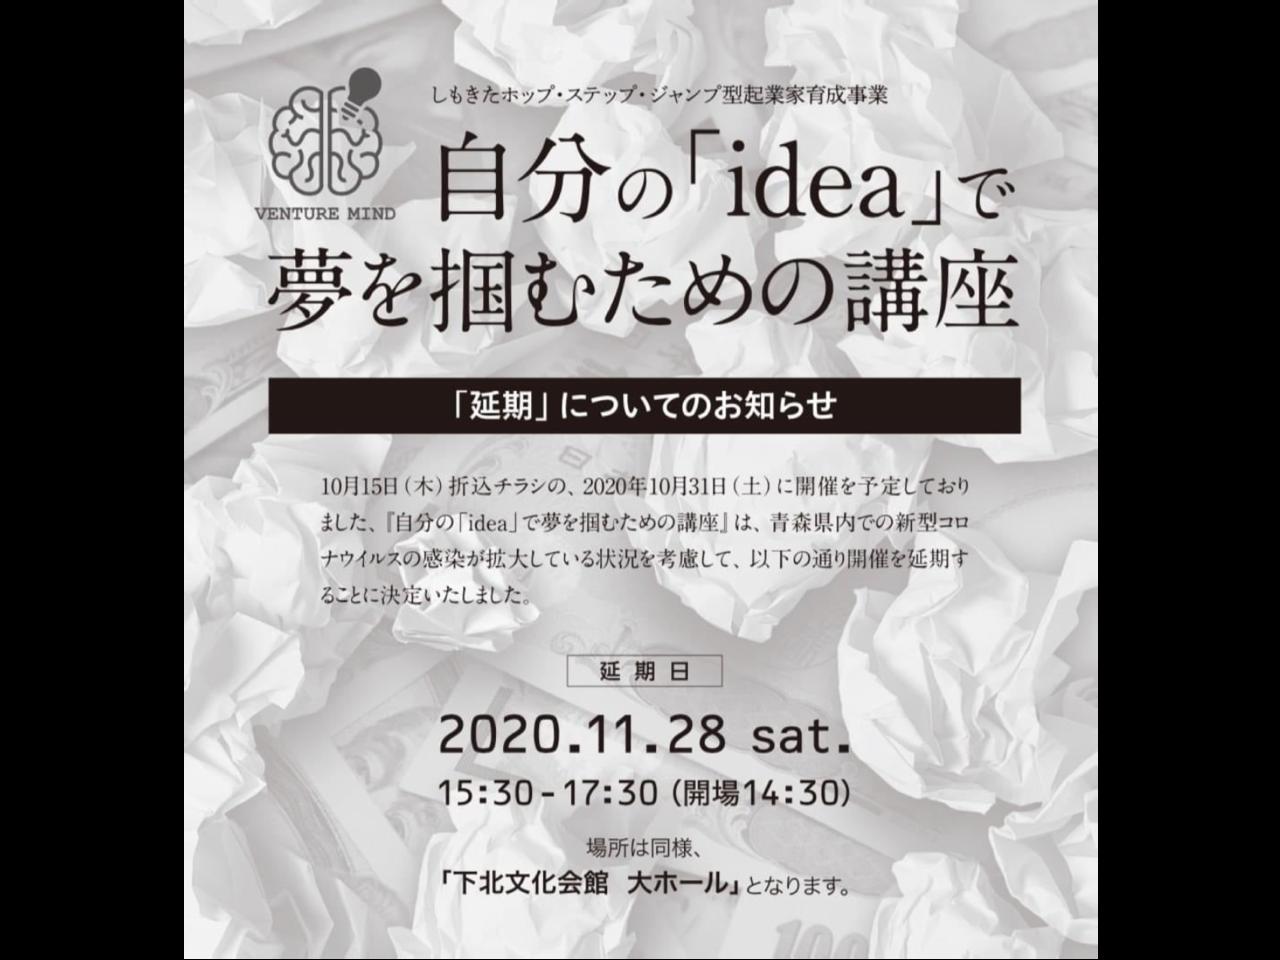 青森県むつ市で講演「ローカルベンチャーのつくり方」、お待ちしています!